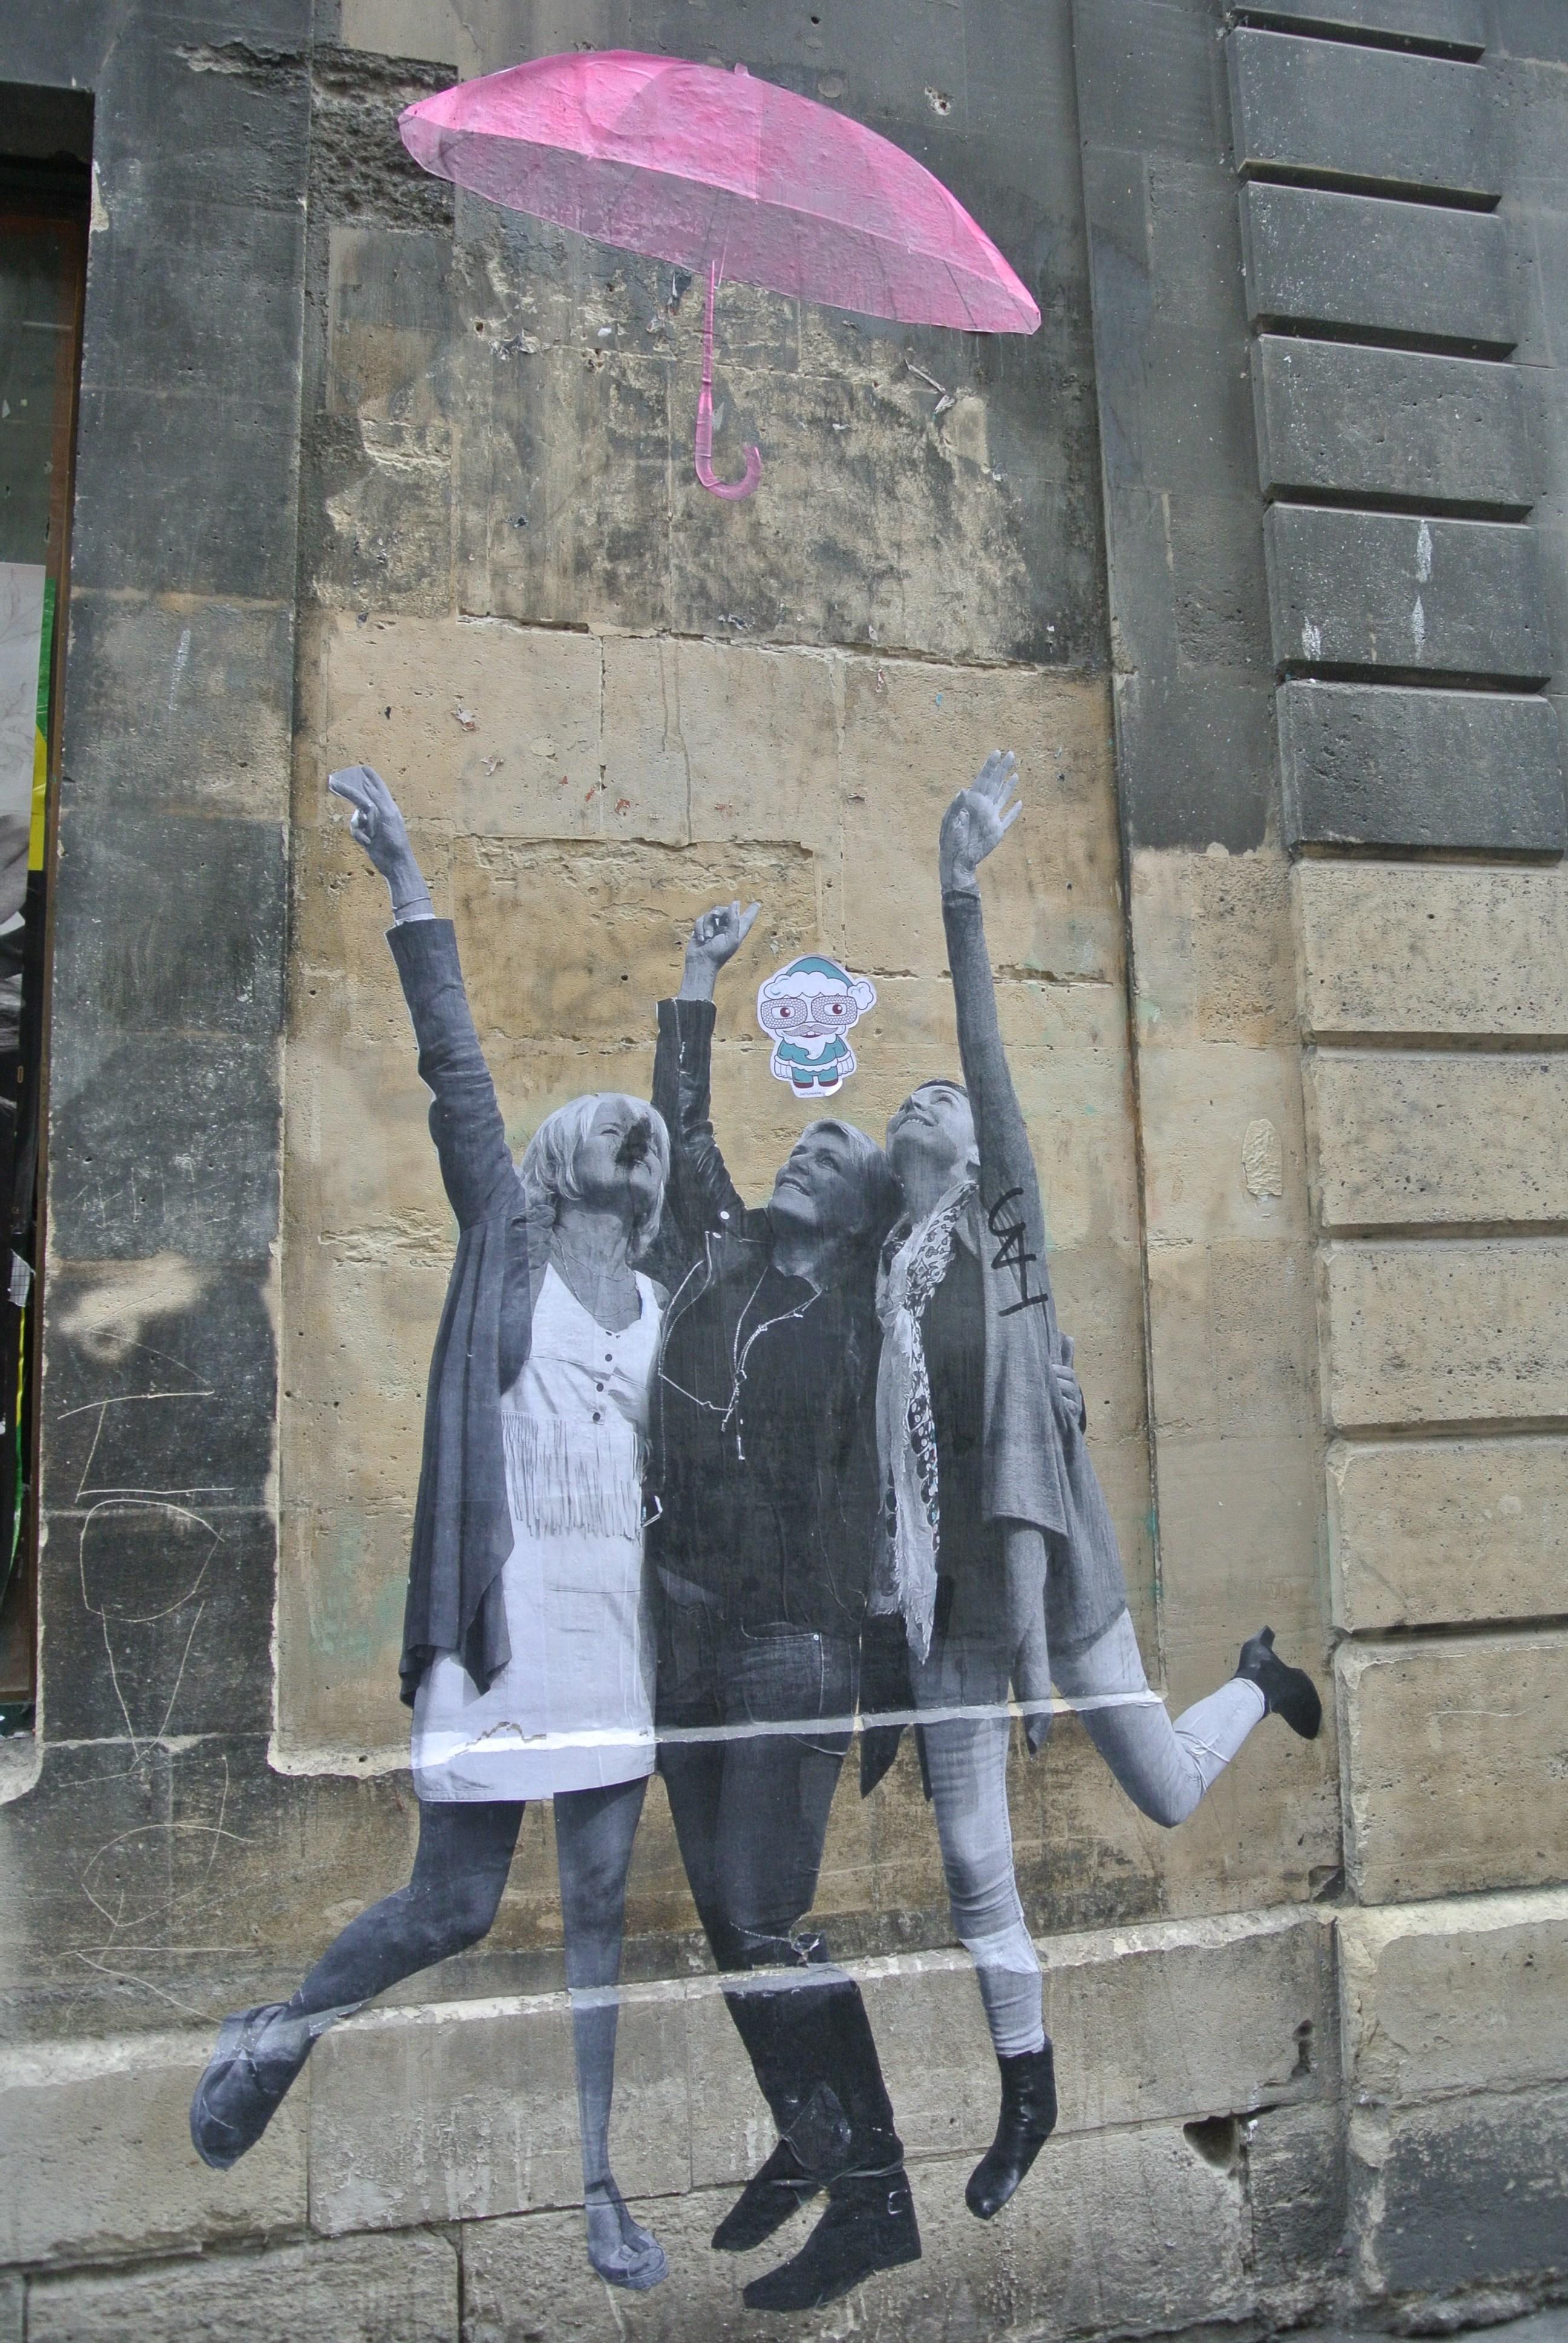 Parisian Street Art in Le Marais